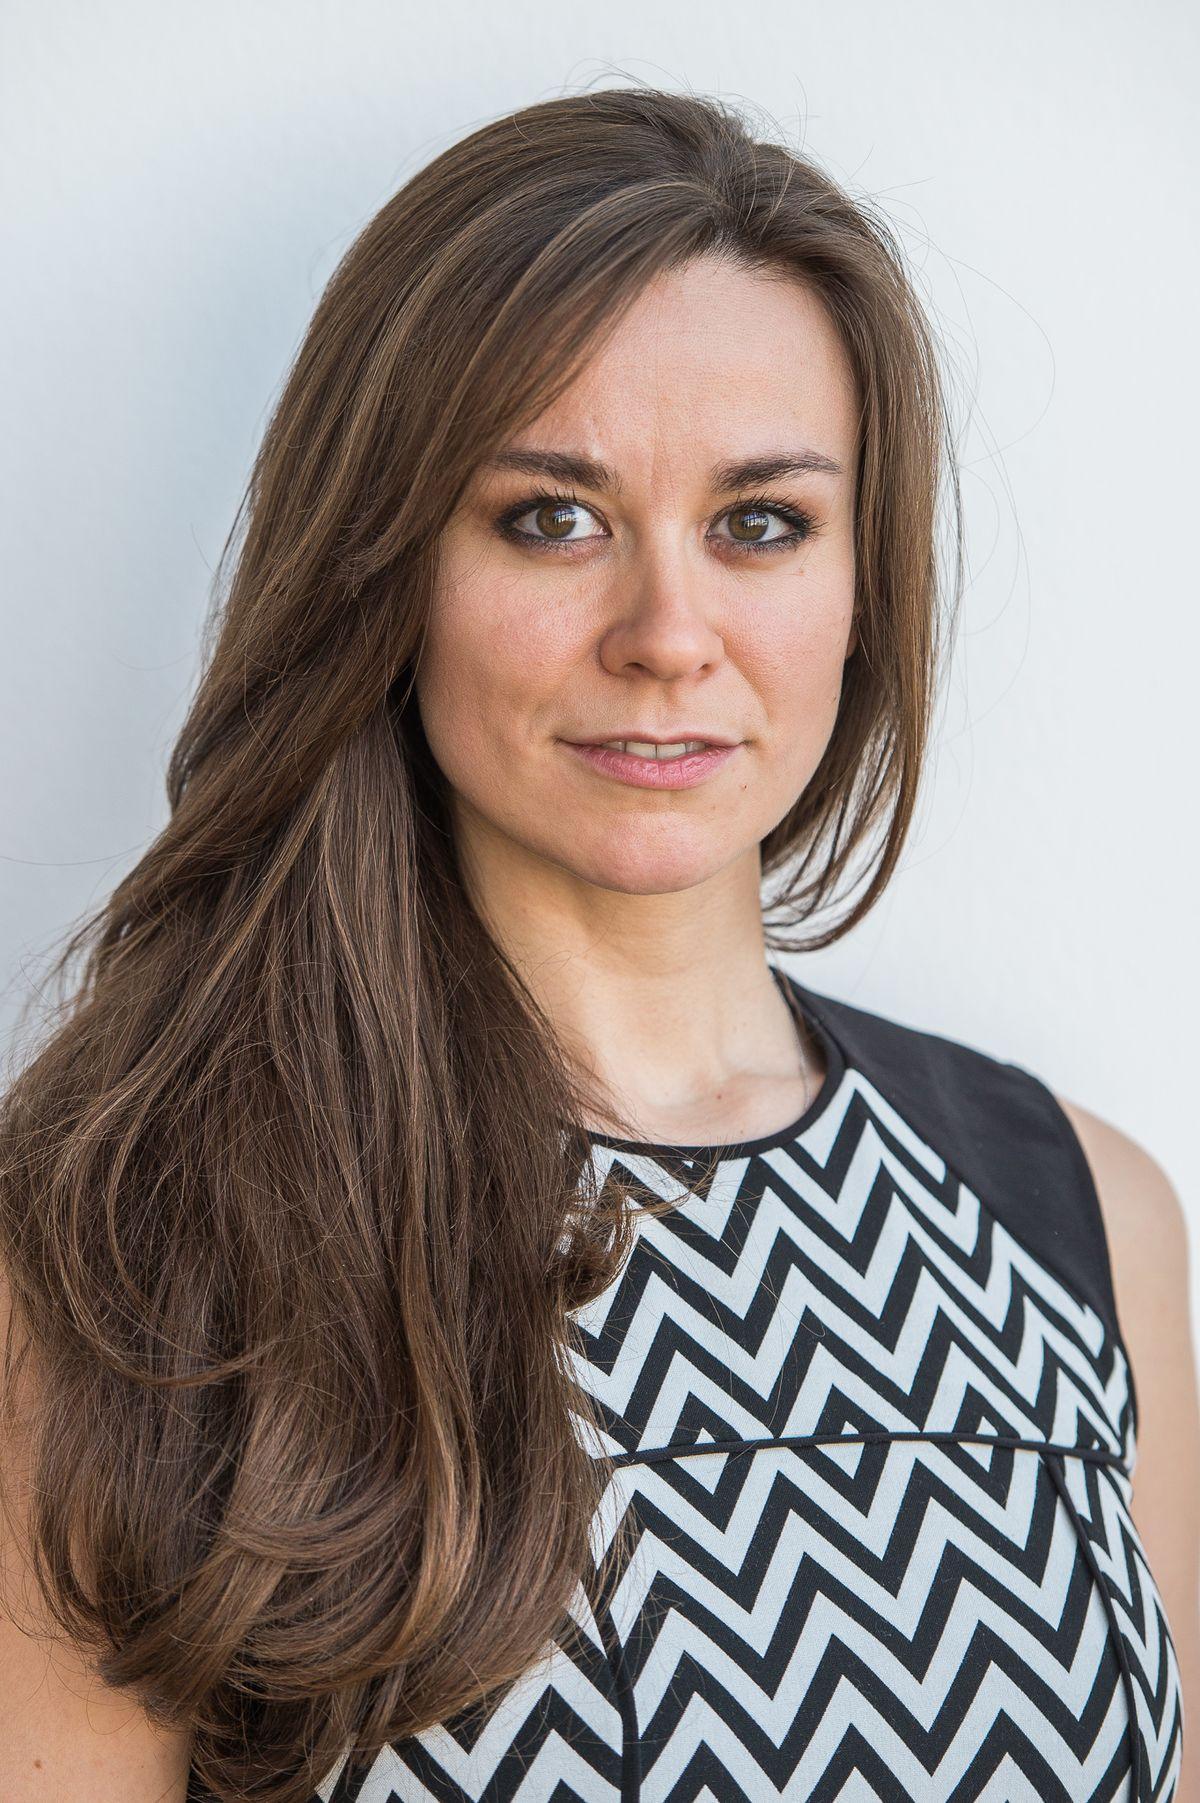 Victoria Sordo - Wikipedia